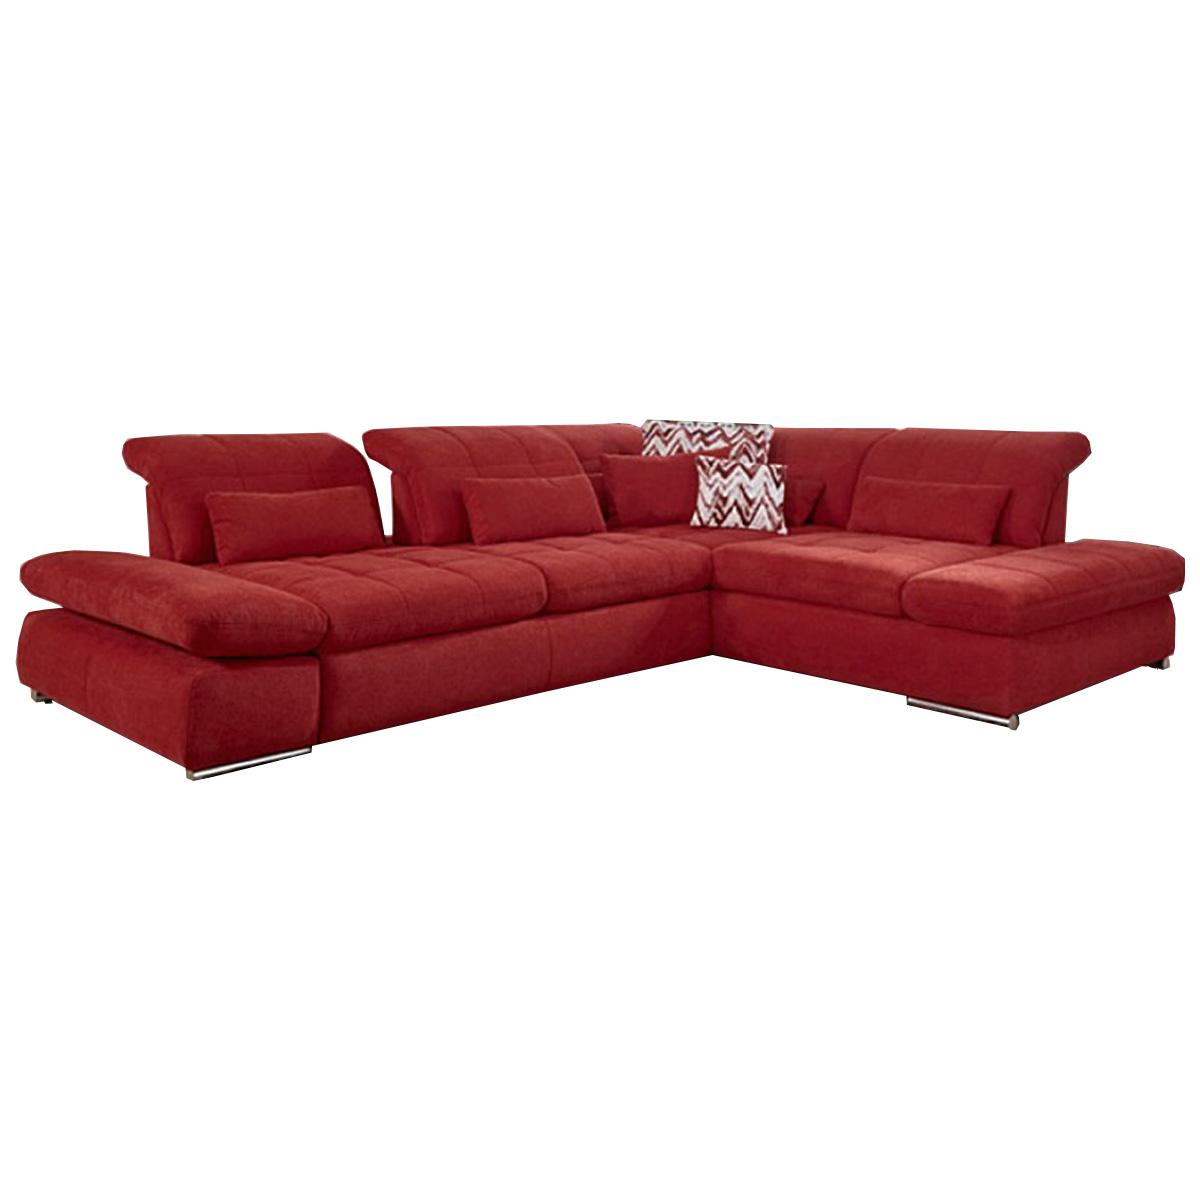 Full Size of Sofa Bezug Ecksofa Mit Ottomane Links Otto U Form Ikea Amazon Grau Rechts 3 Teilig Aus Matratzen 3er 2er De Sede Big Kaufen Englisches Kissen Erpo Großes Sofa Sofa Bezug Ecksofa